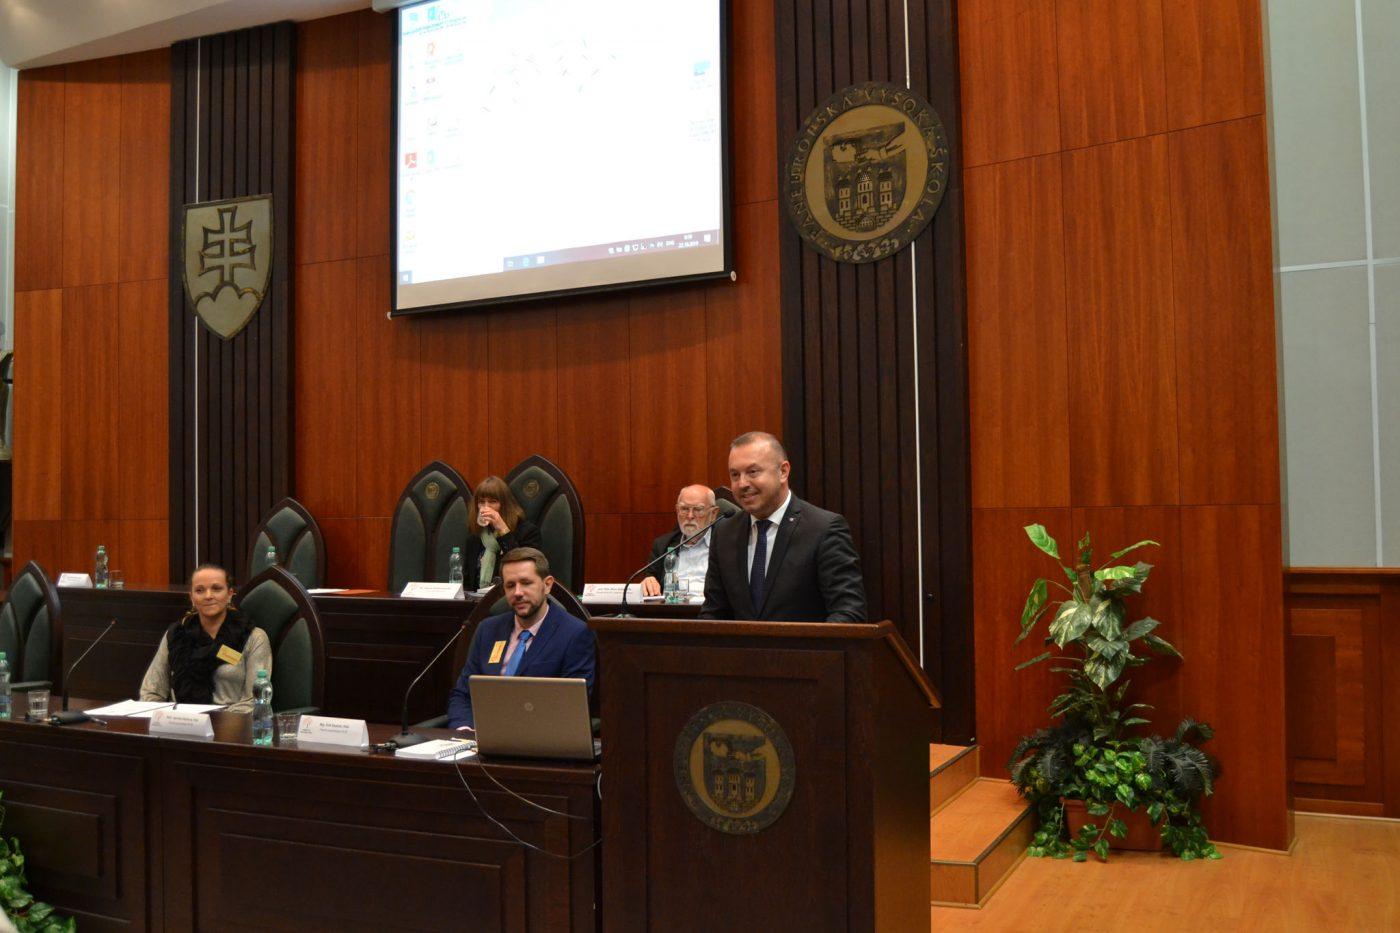 Konferencia Psychológia inkluzívnej školy - fotogaléria_ (11)